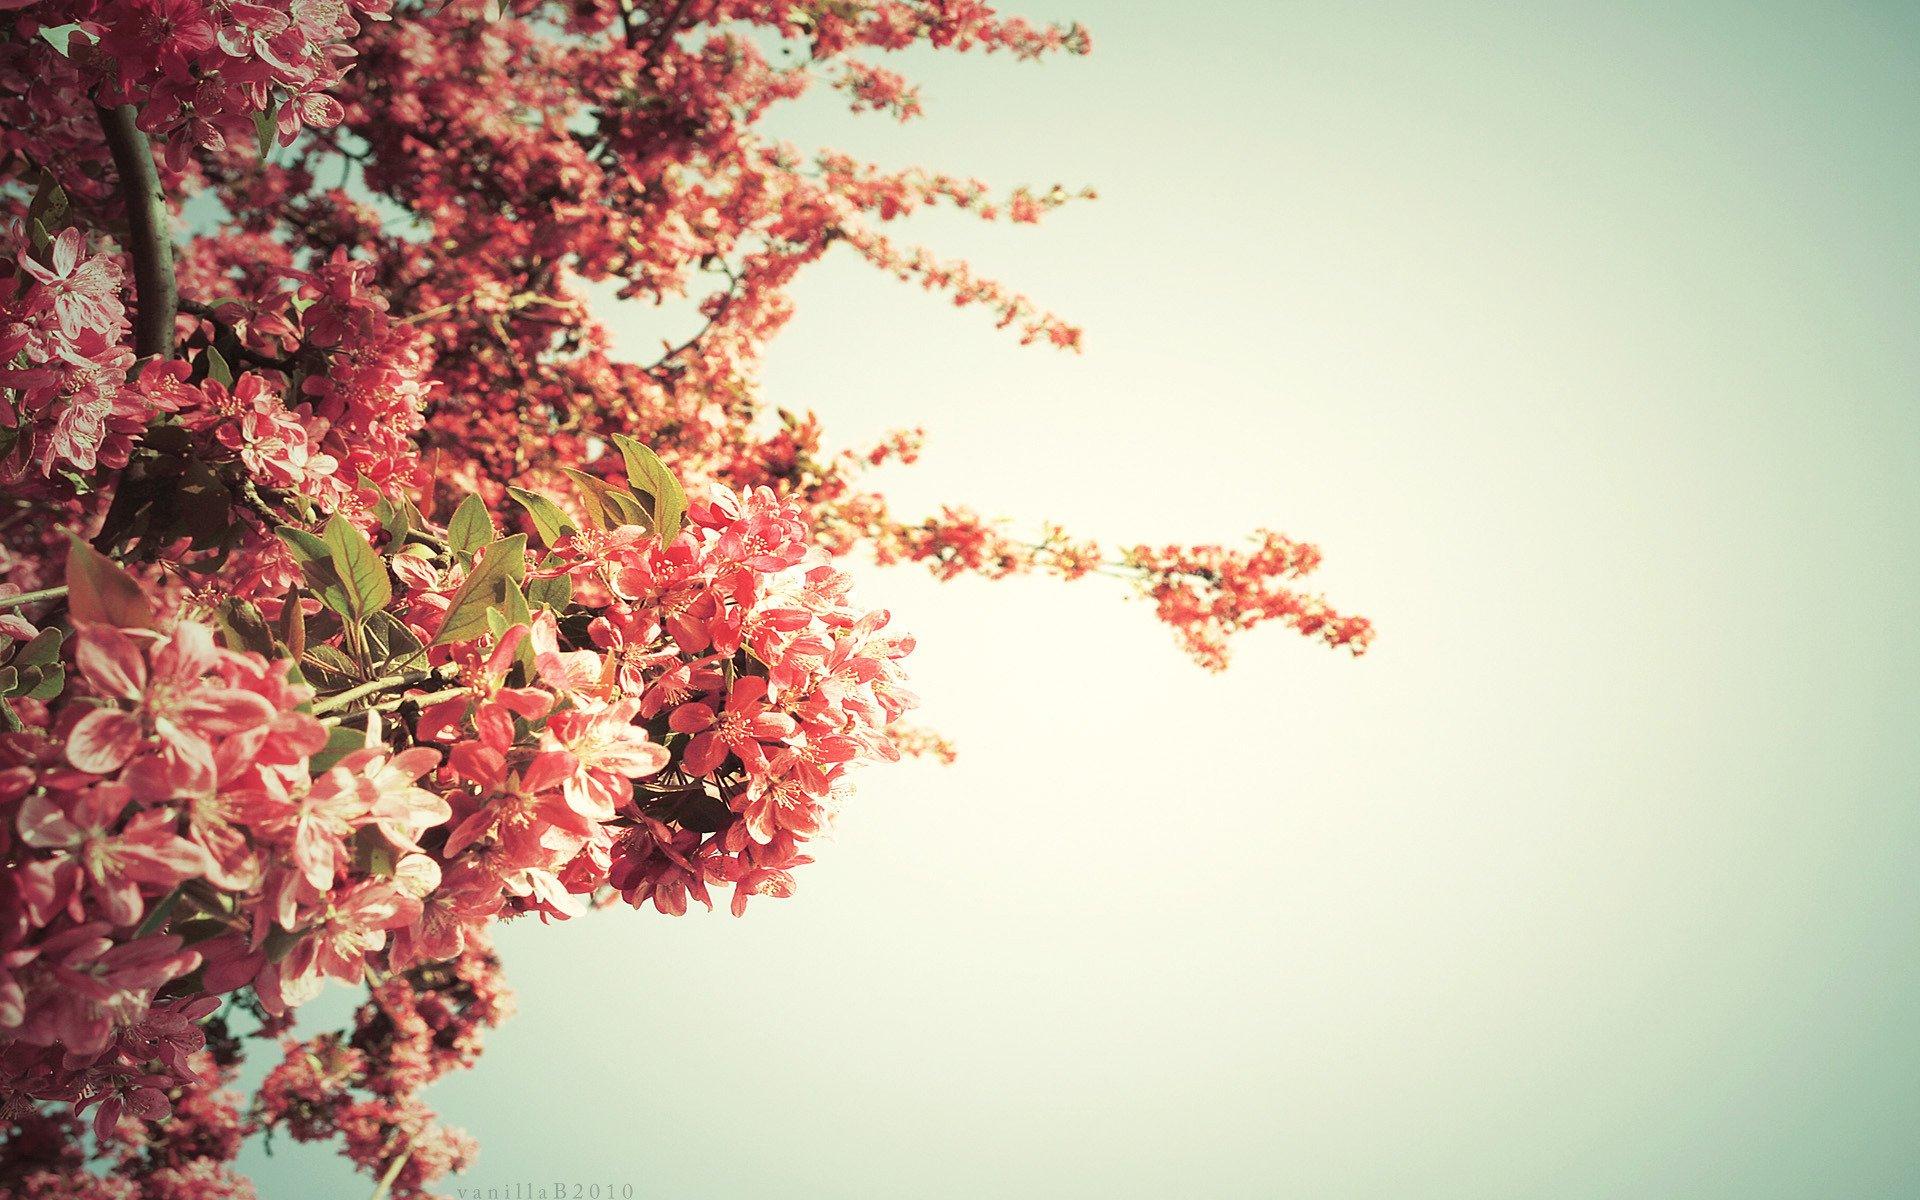 Картинки присылать, деревья фон для открытки